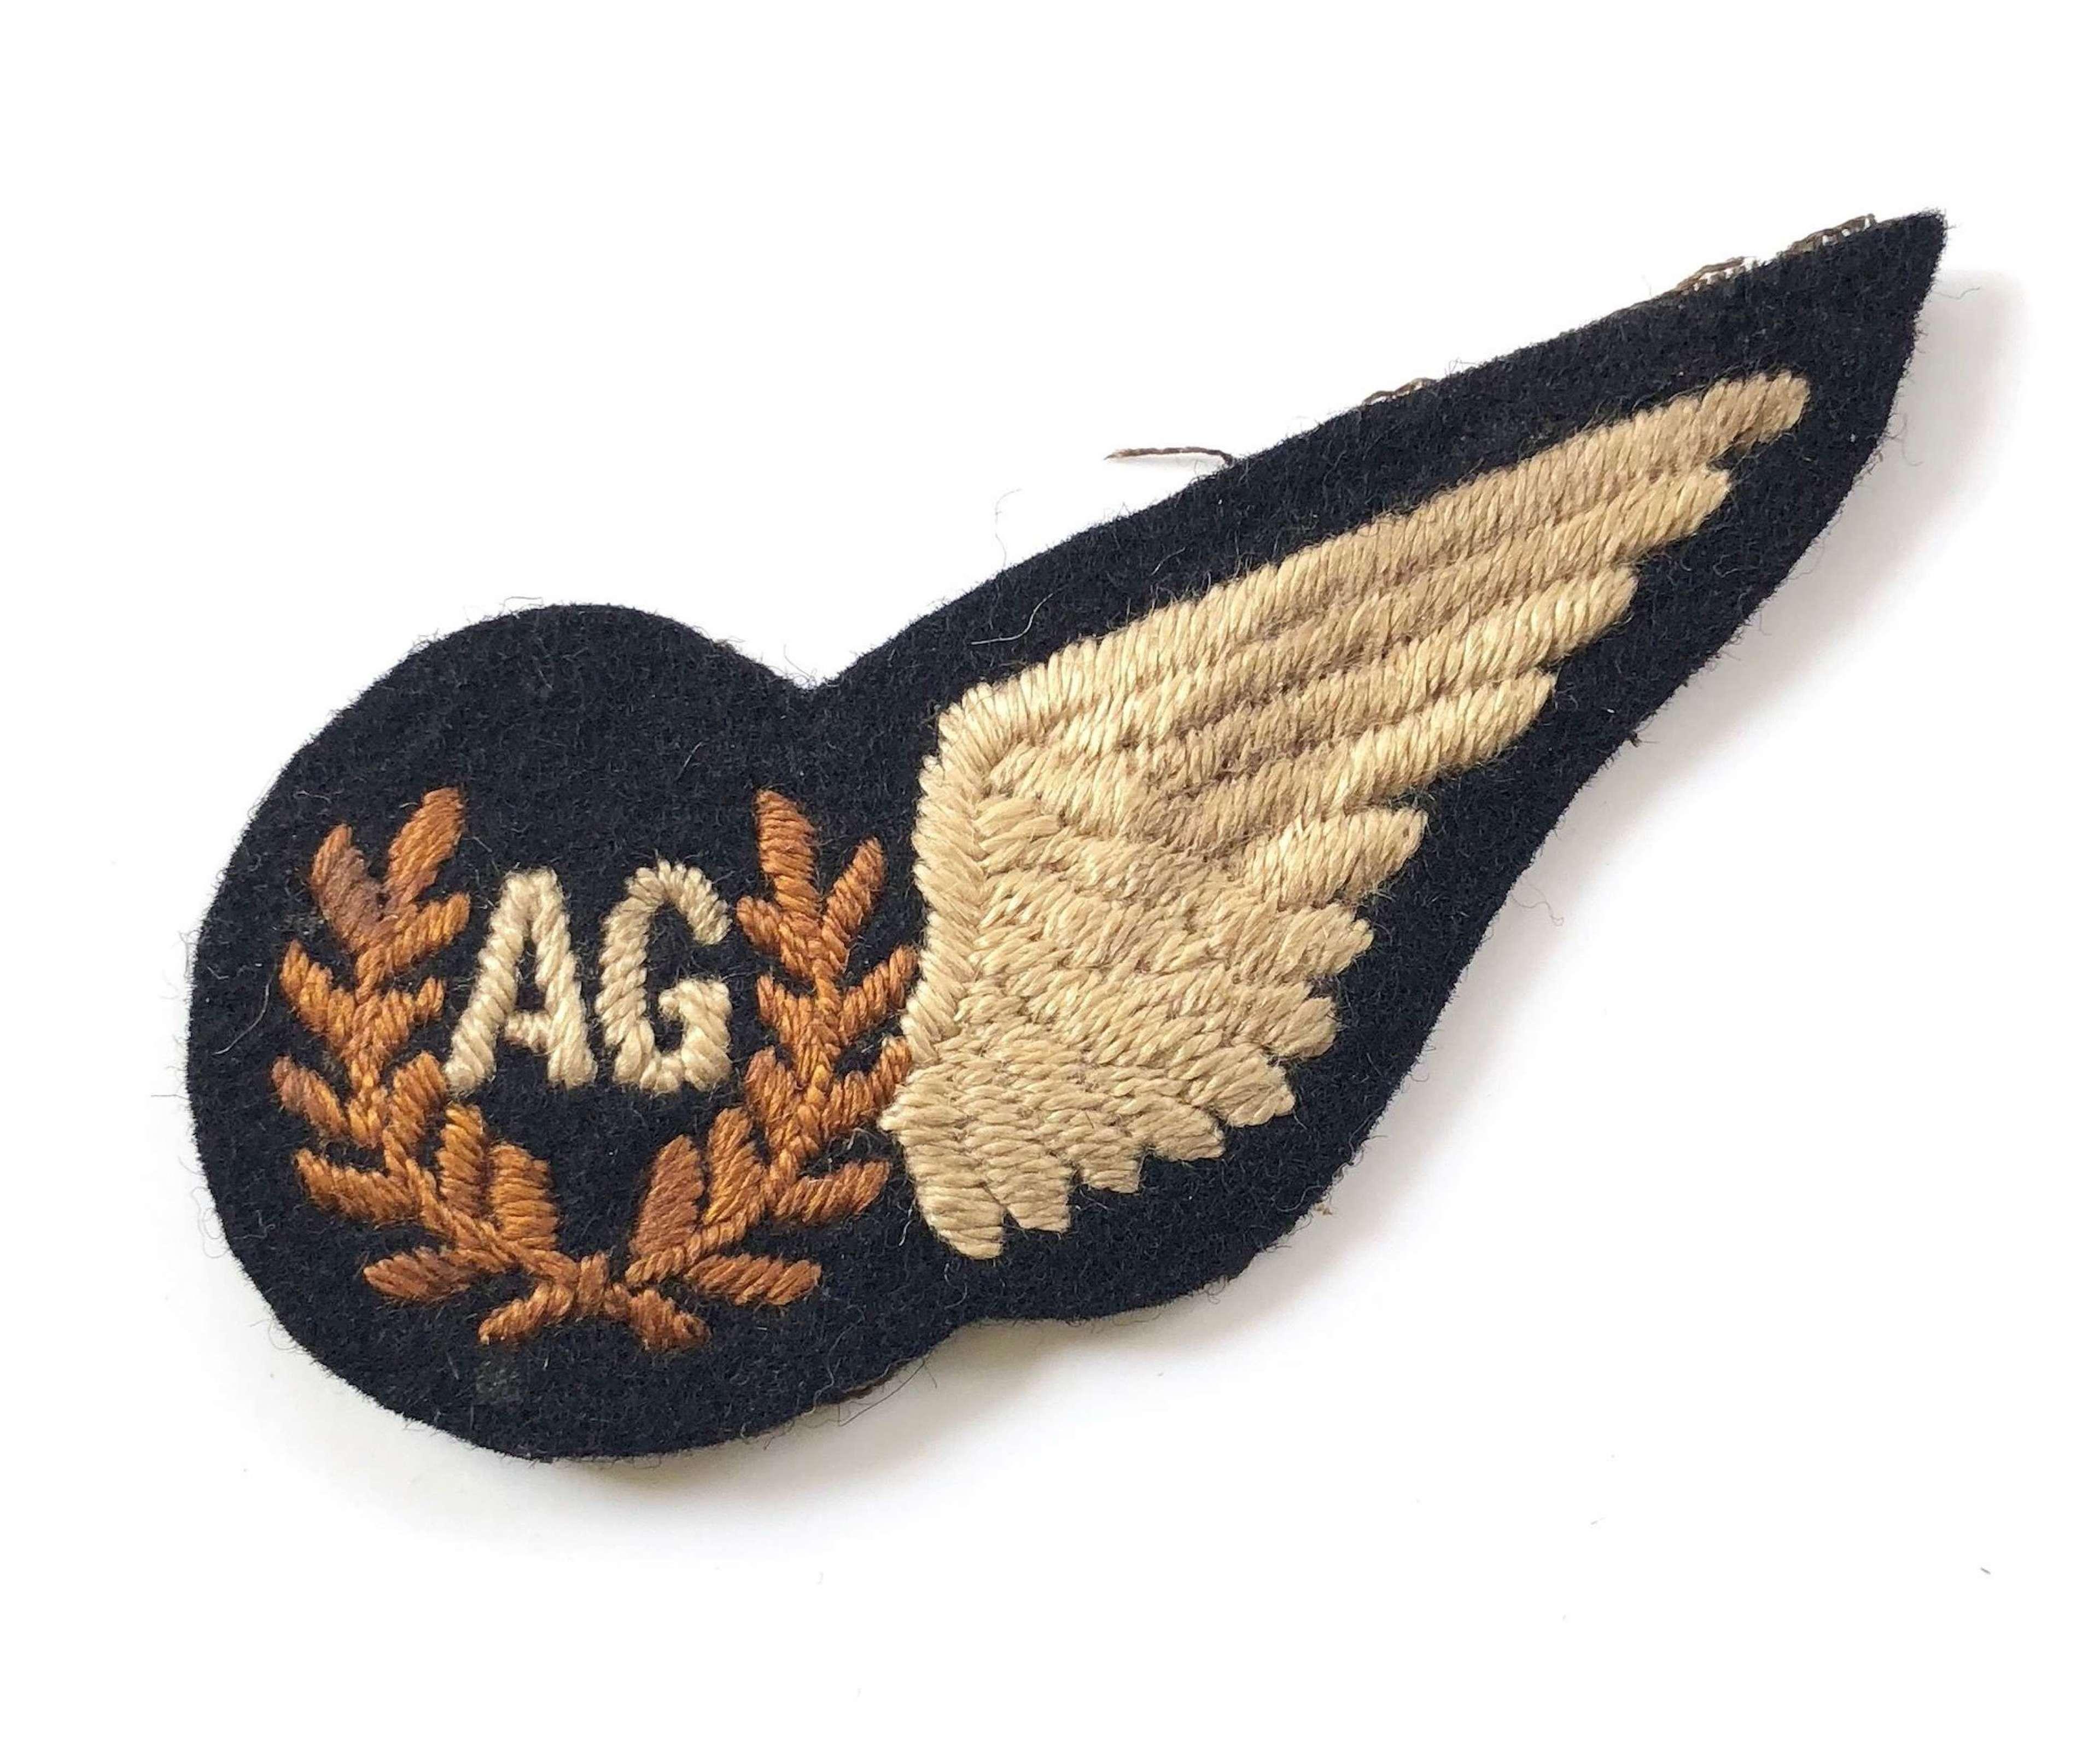 WW2 RAF Air Gunner's Brevet Badge.